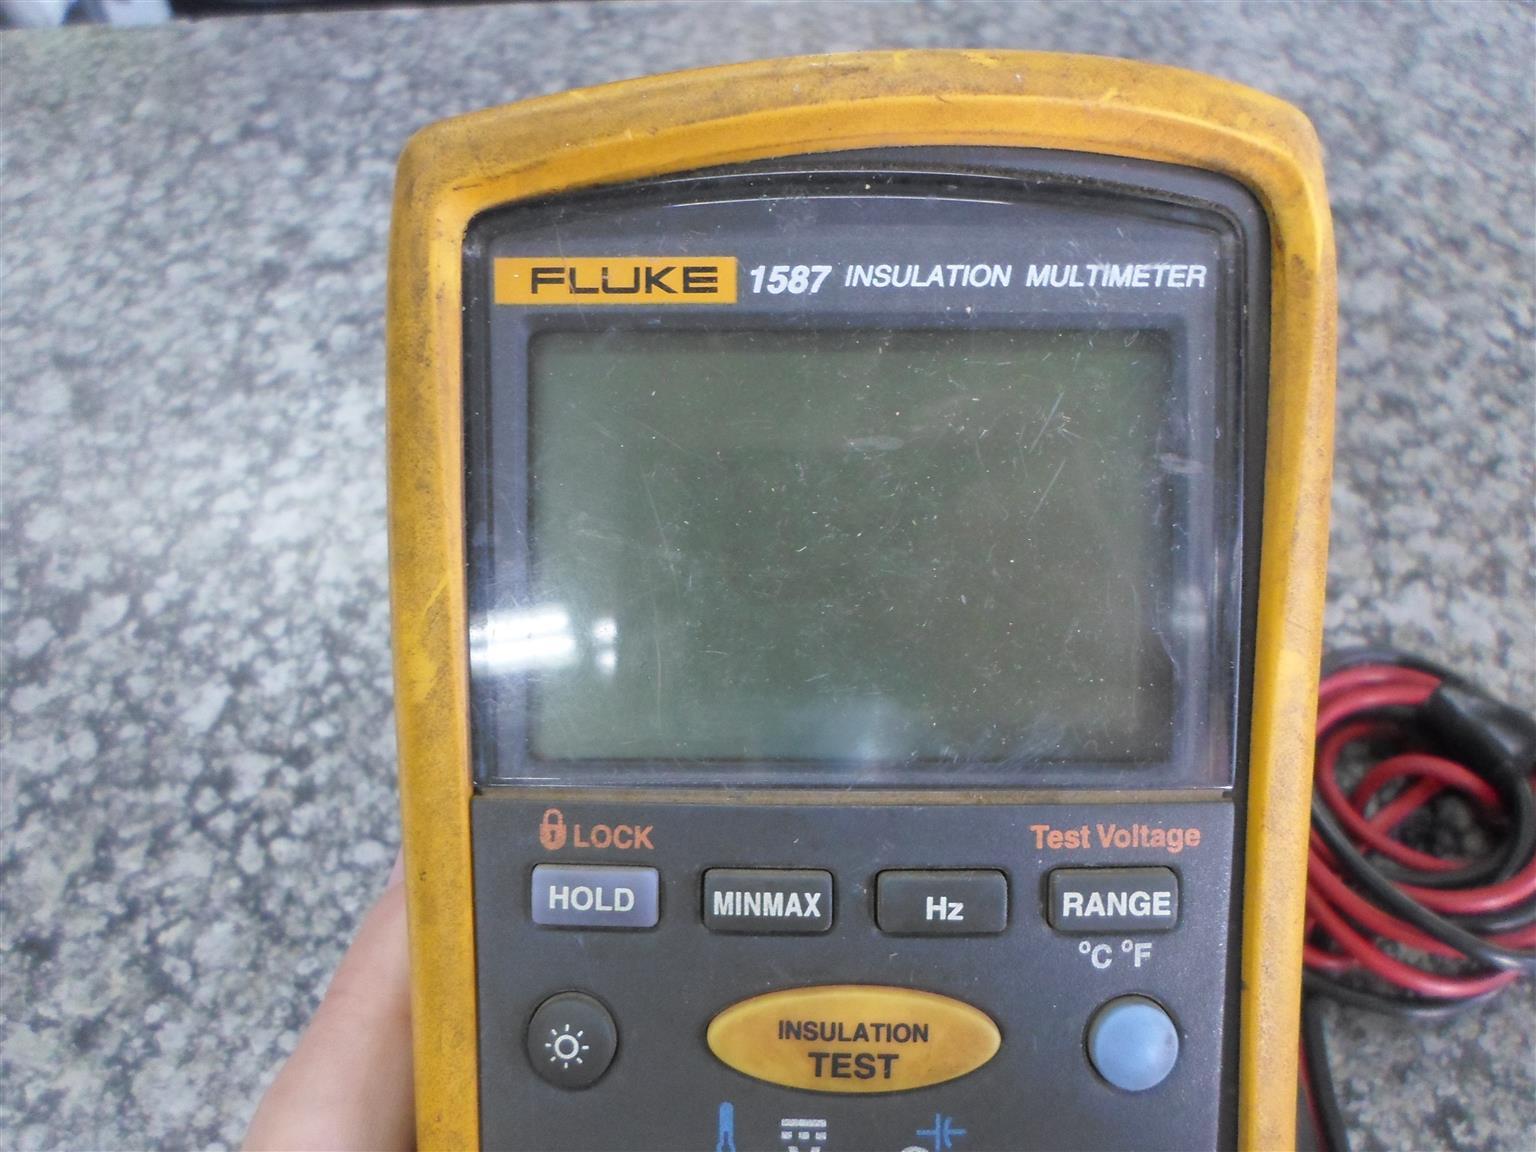 Fluke 1587 Insulation Multimeter